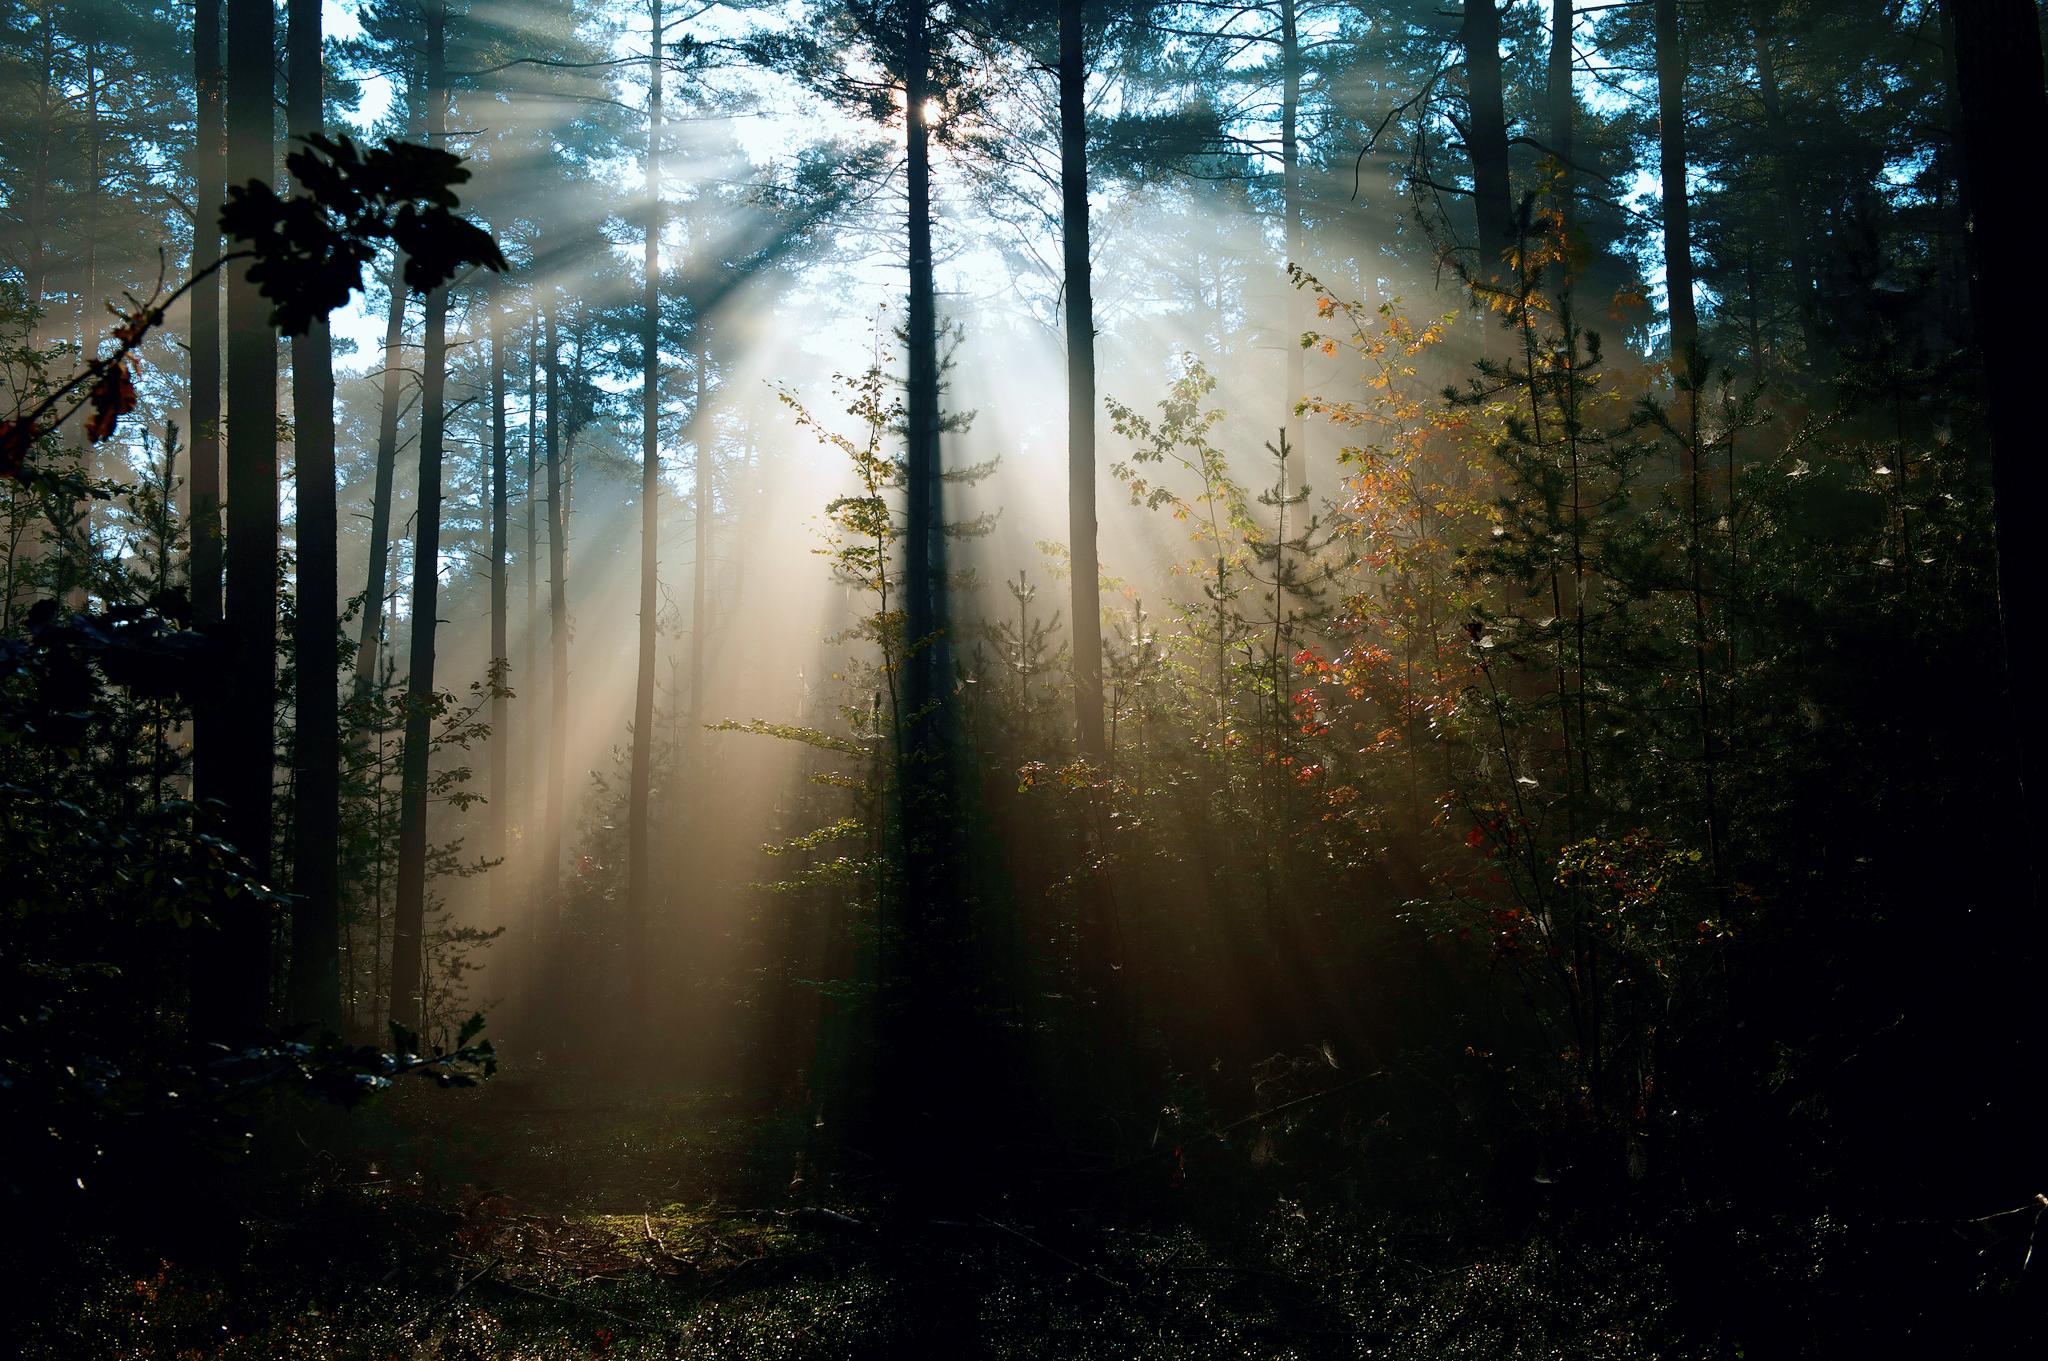 Nature Sunlight in Trees.jpg